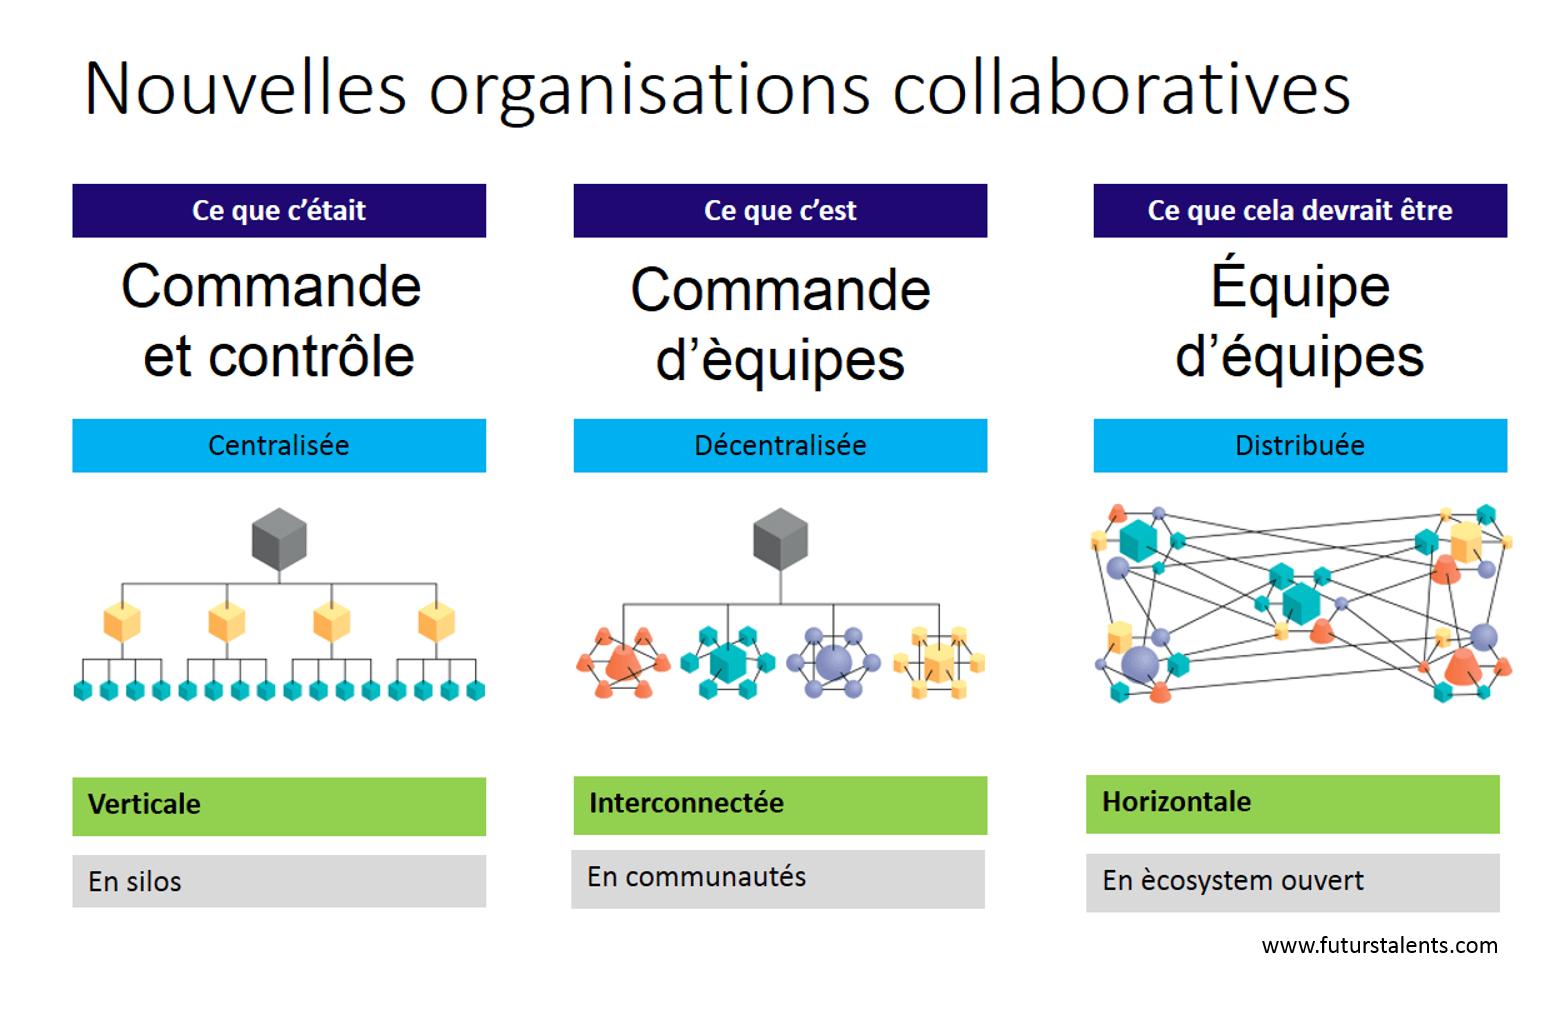 De nouvelles organisations collaboratives